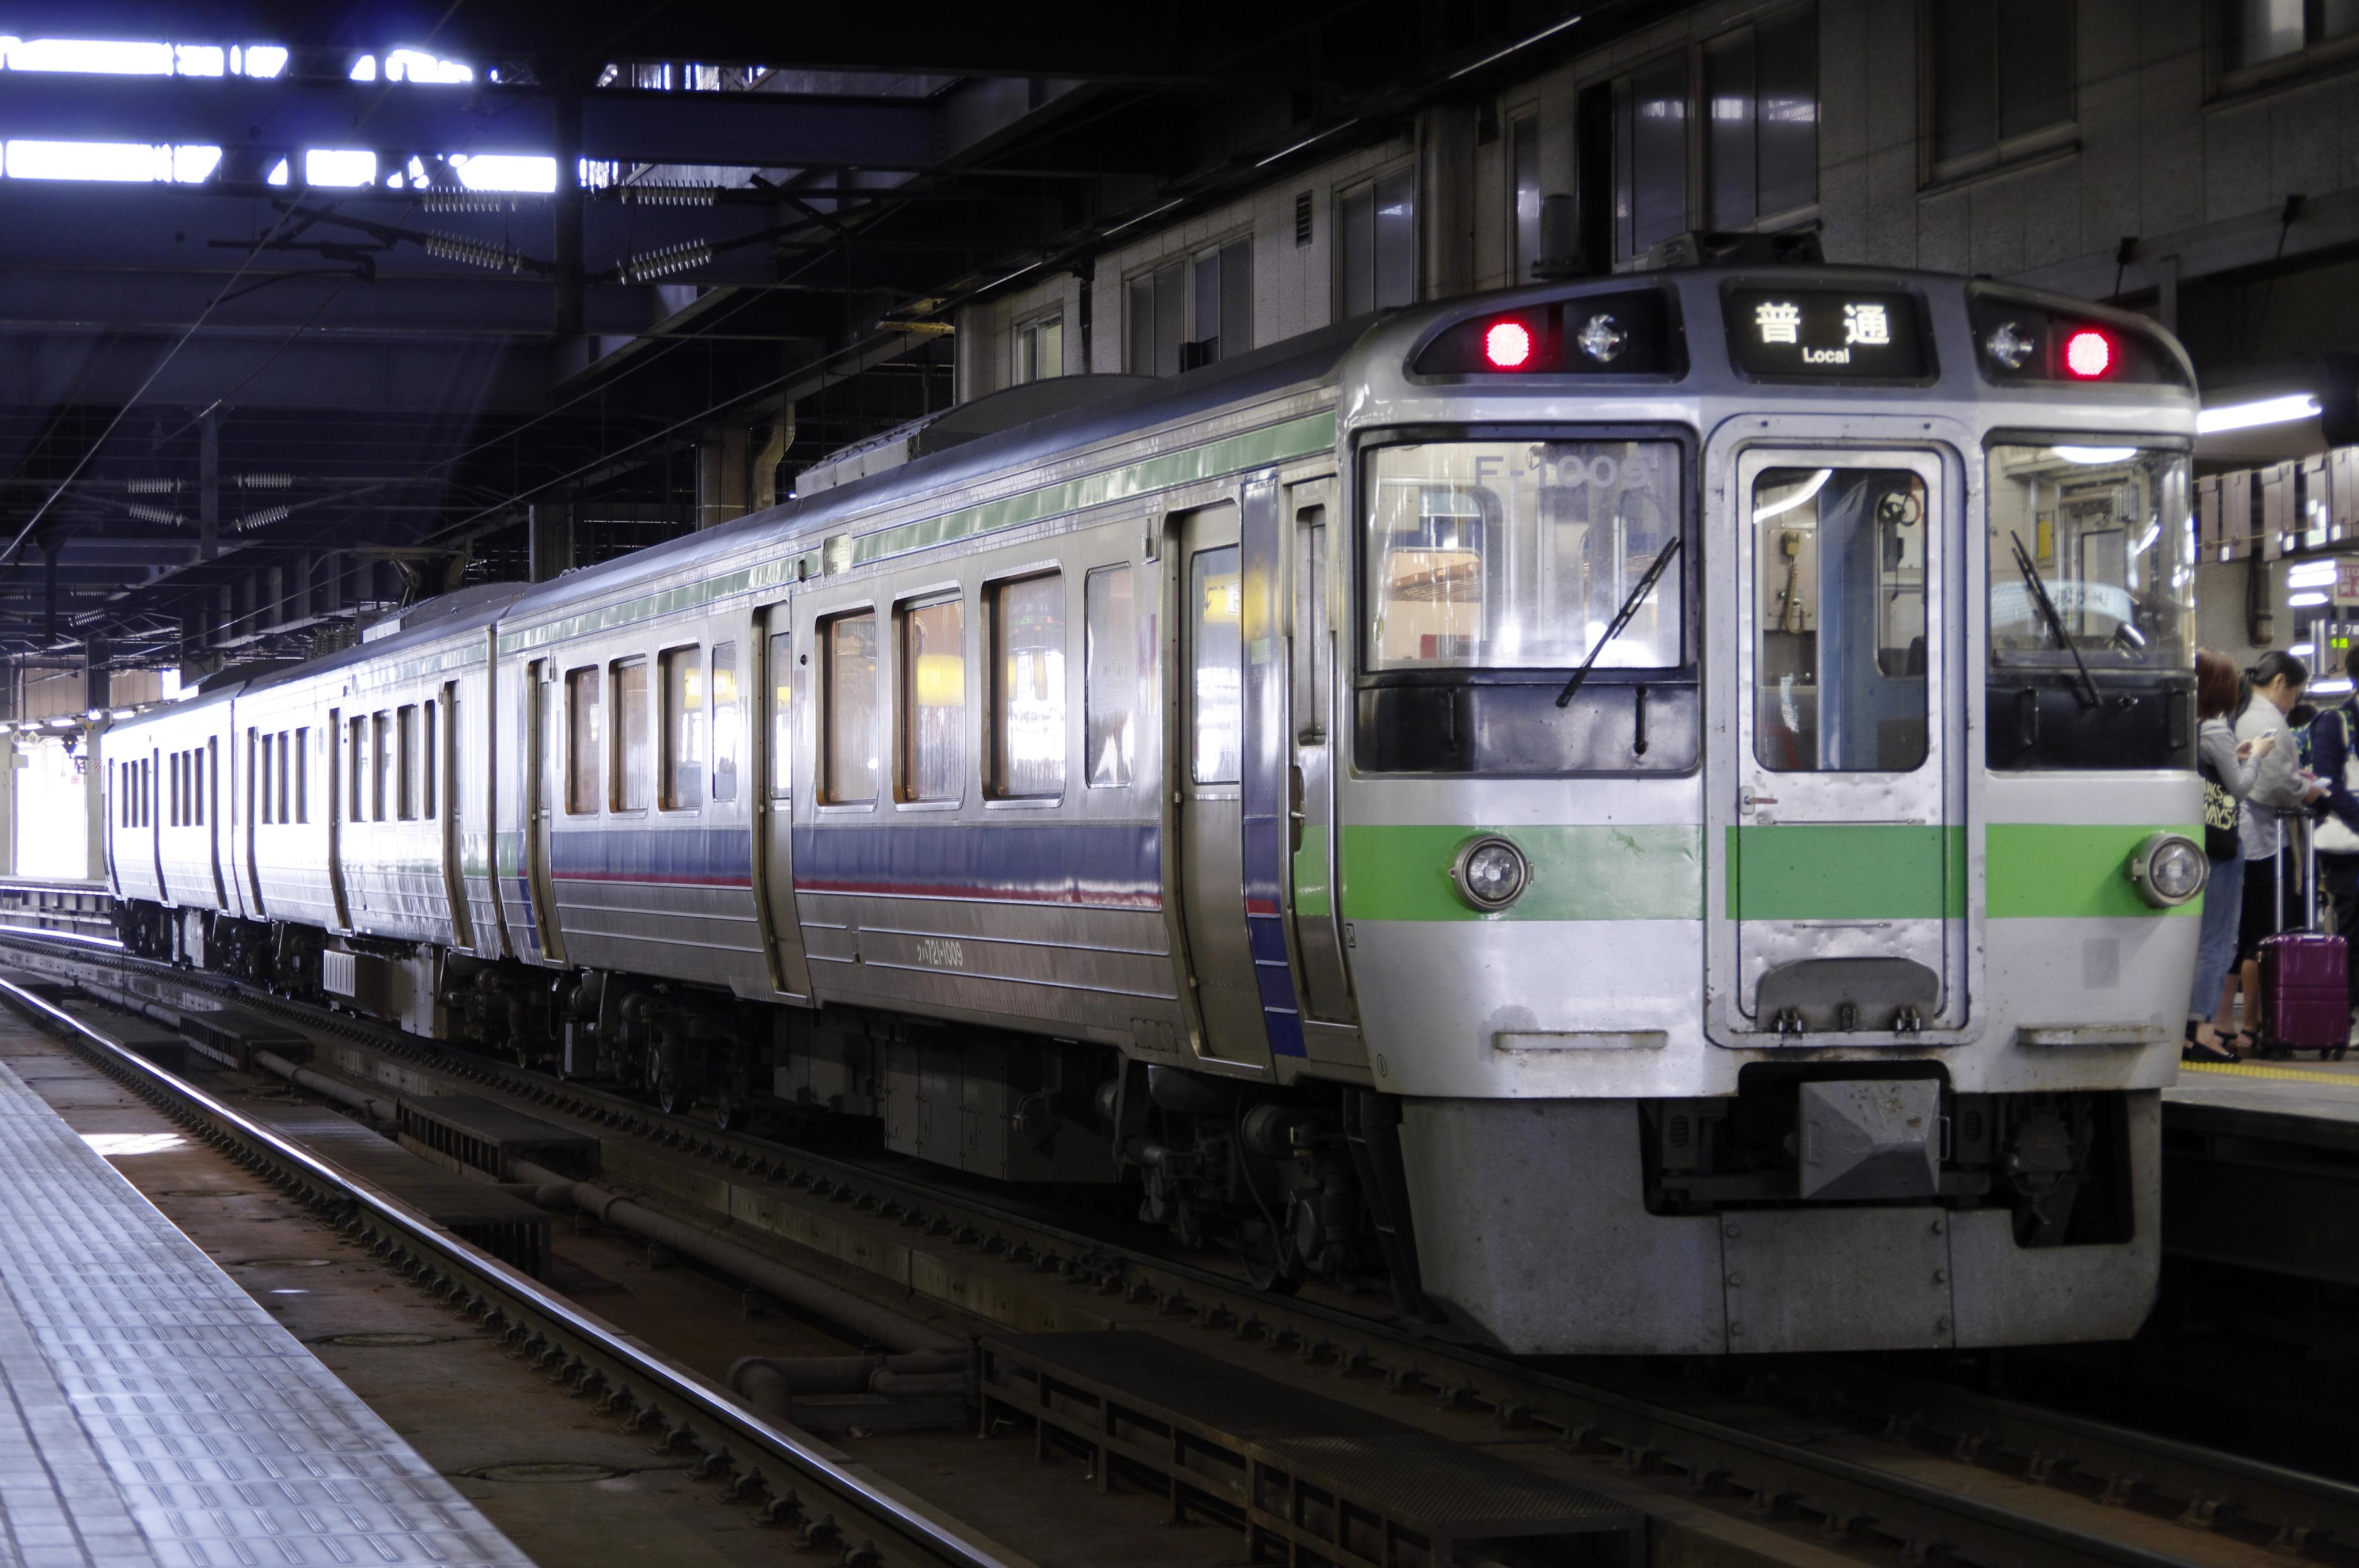 札幌駅 721系F1009編成 2781Mアップ_180520.jpg